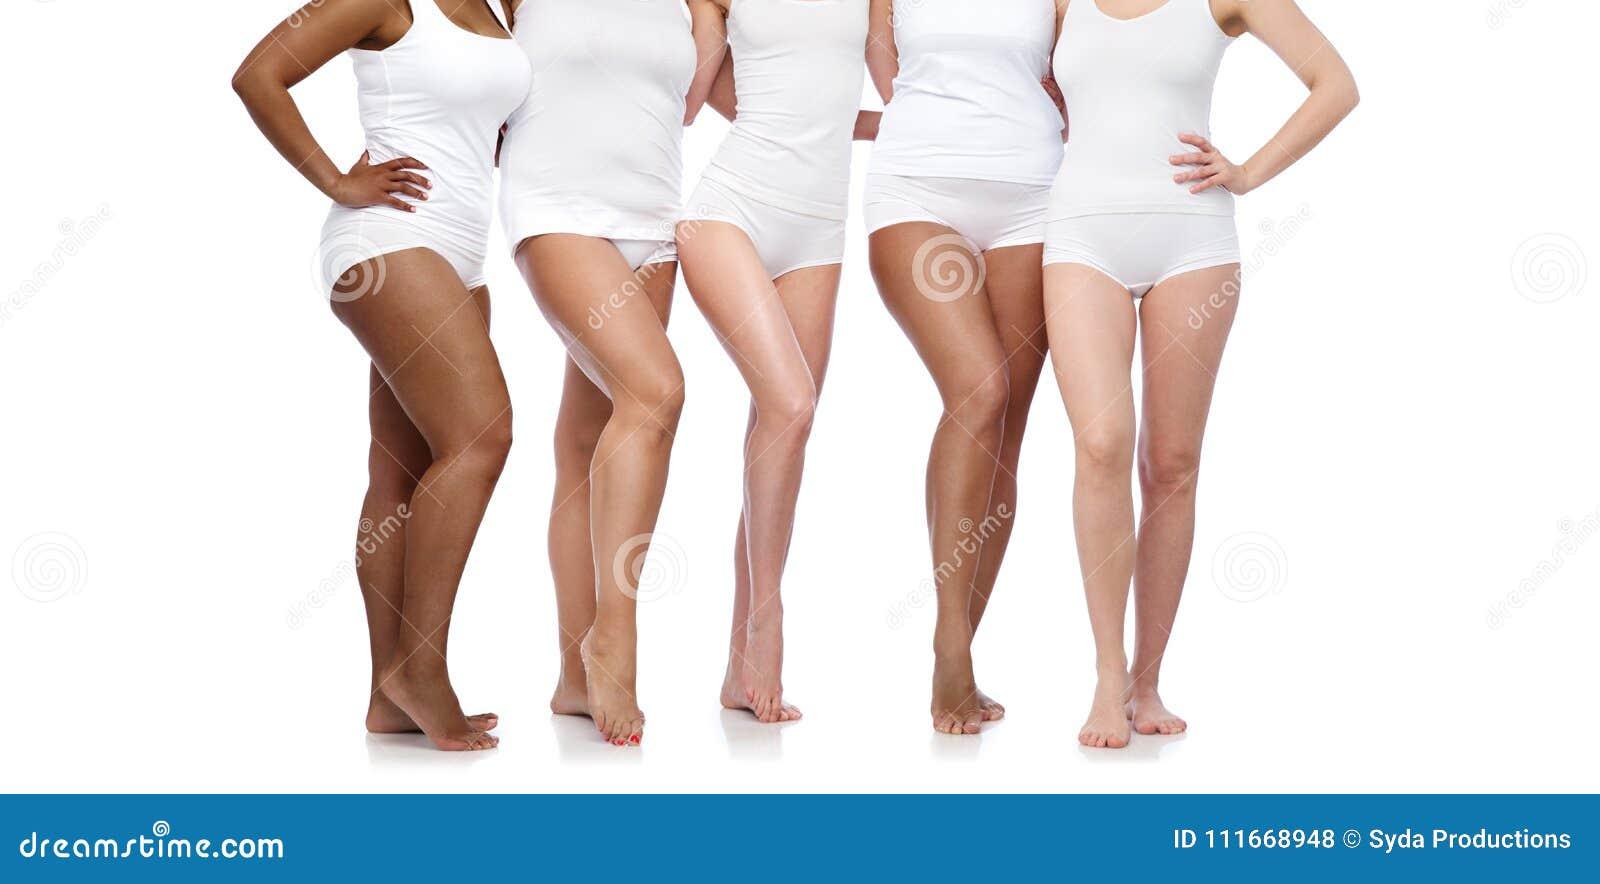 Группа в составе счастливые разнообразные женщины в белом нижнем белье